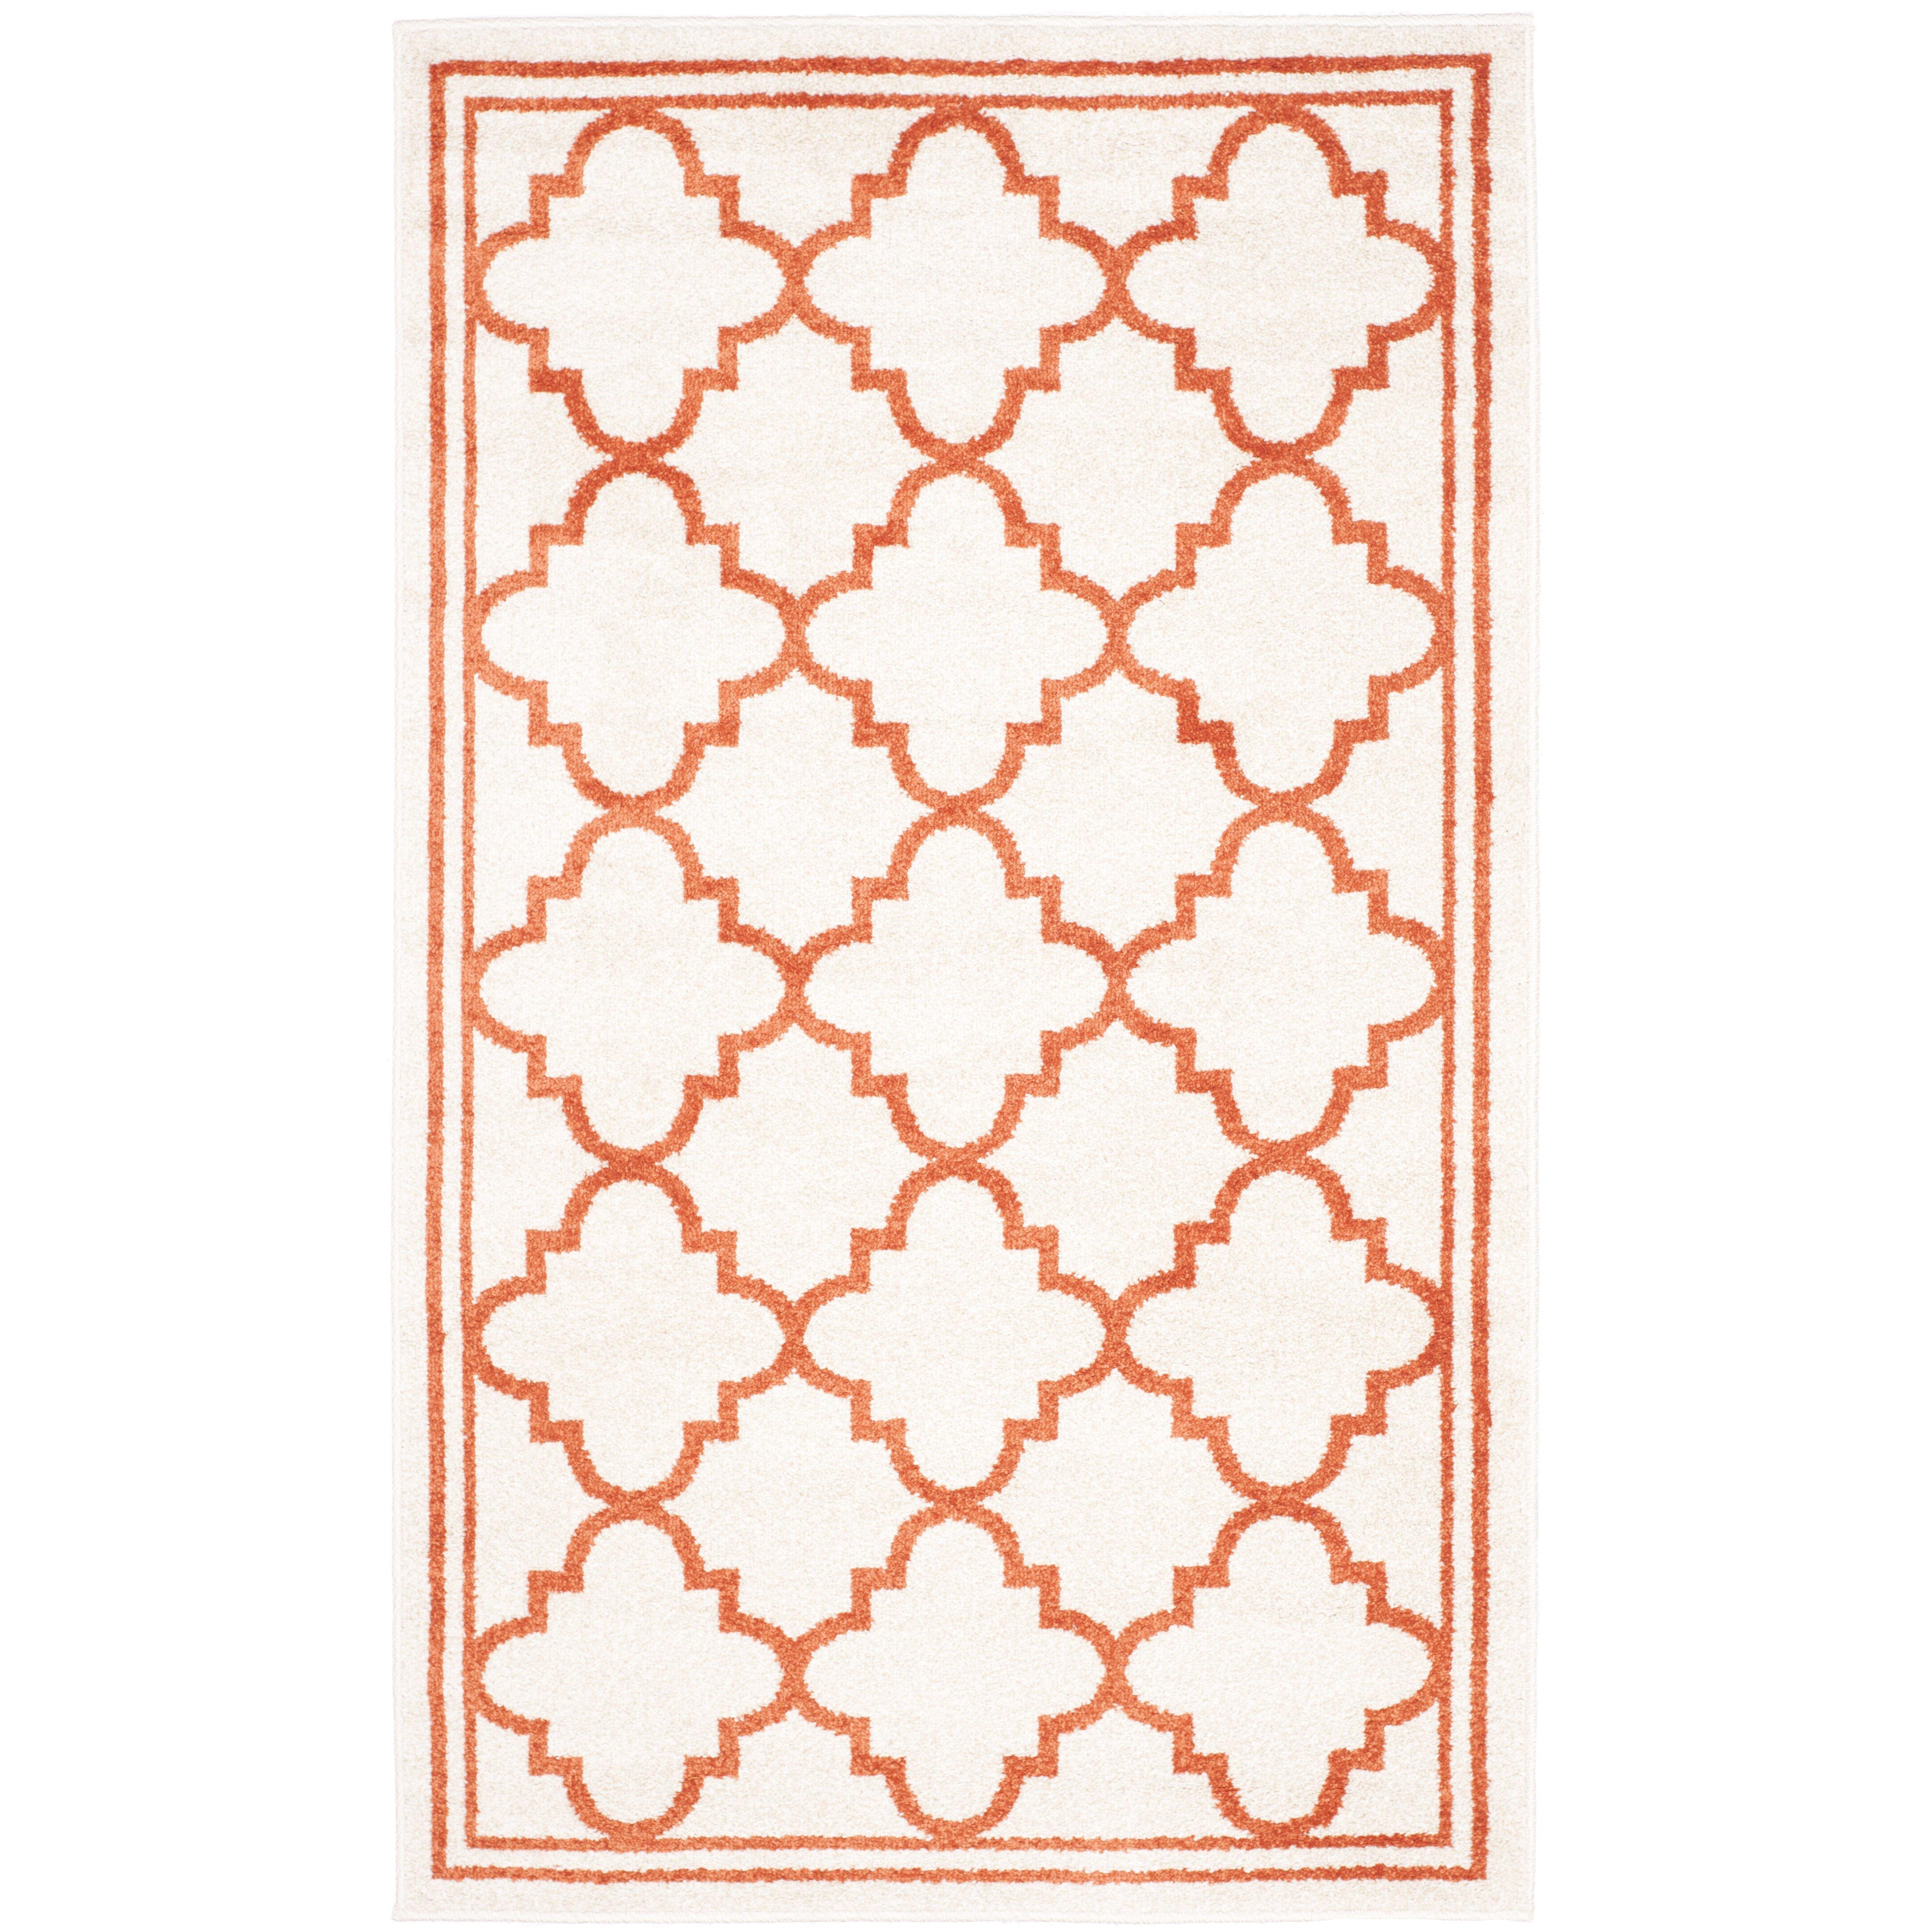 Safavieh Amherst Beige Orange Indoor Outdoor Area Rug